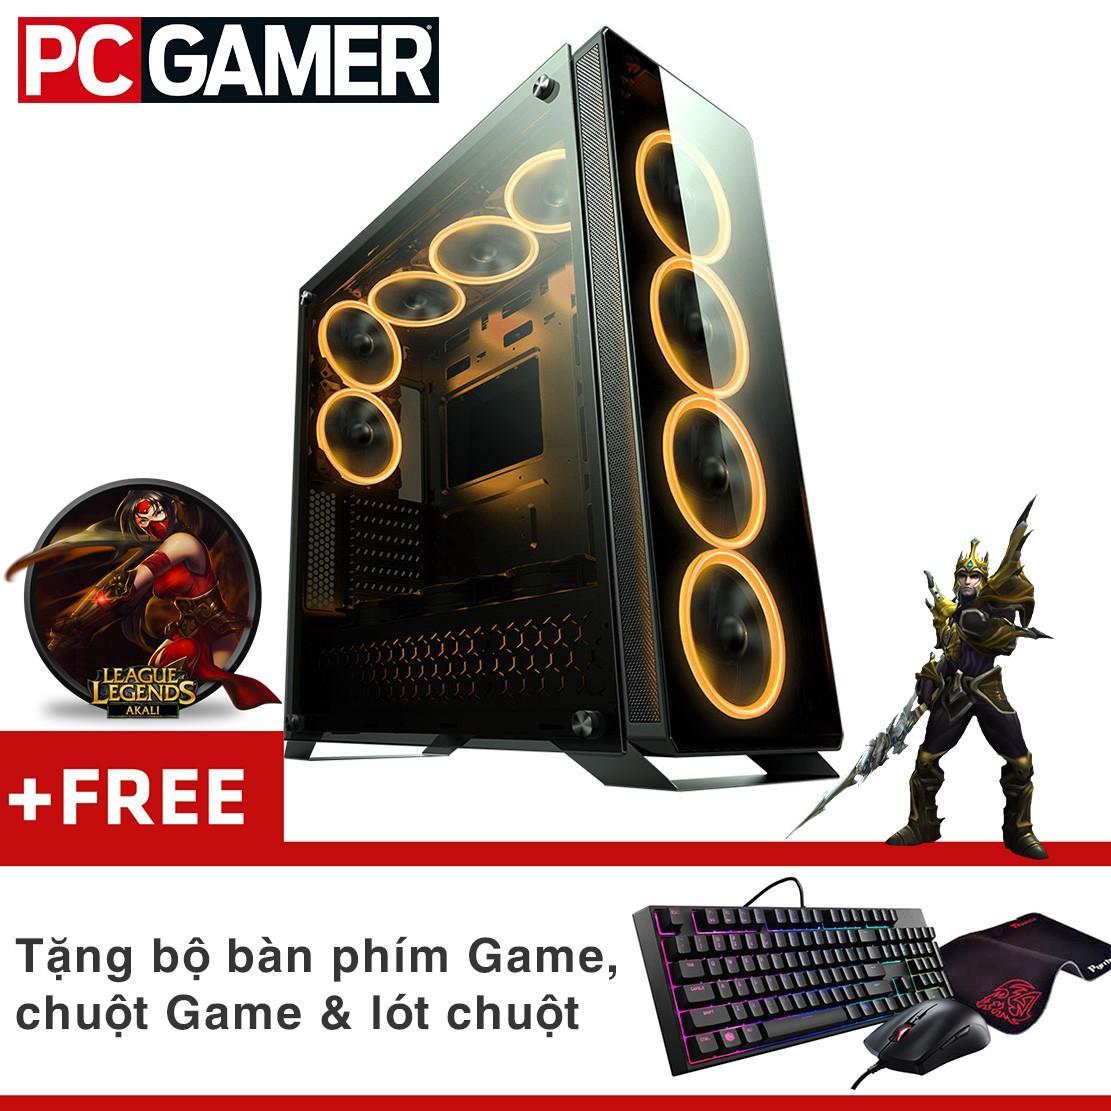 Hình ảnh Máy tính chơi Game VIP (Core I7 3770, Ram 8GB, HDD 3TB, VGA GTX750ti 2GB ) KH24GMC731 + Quà Tặng